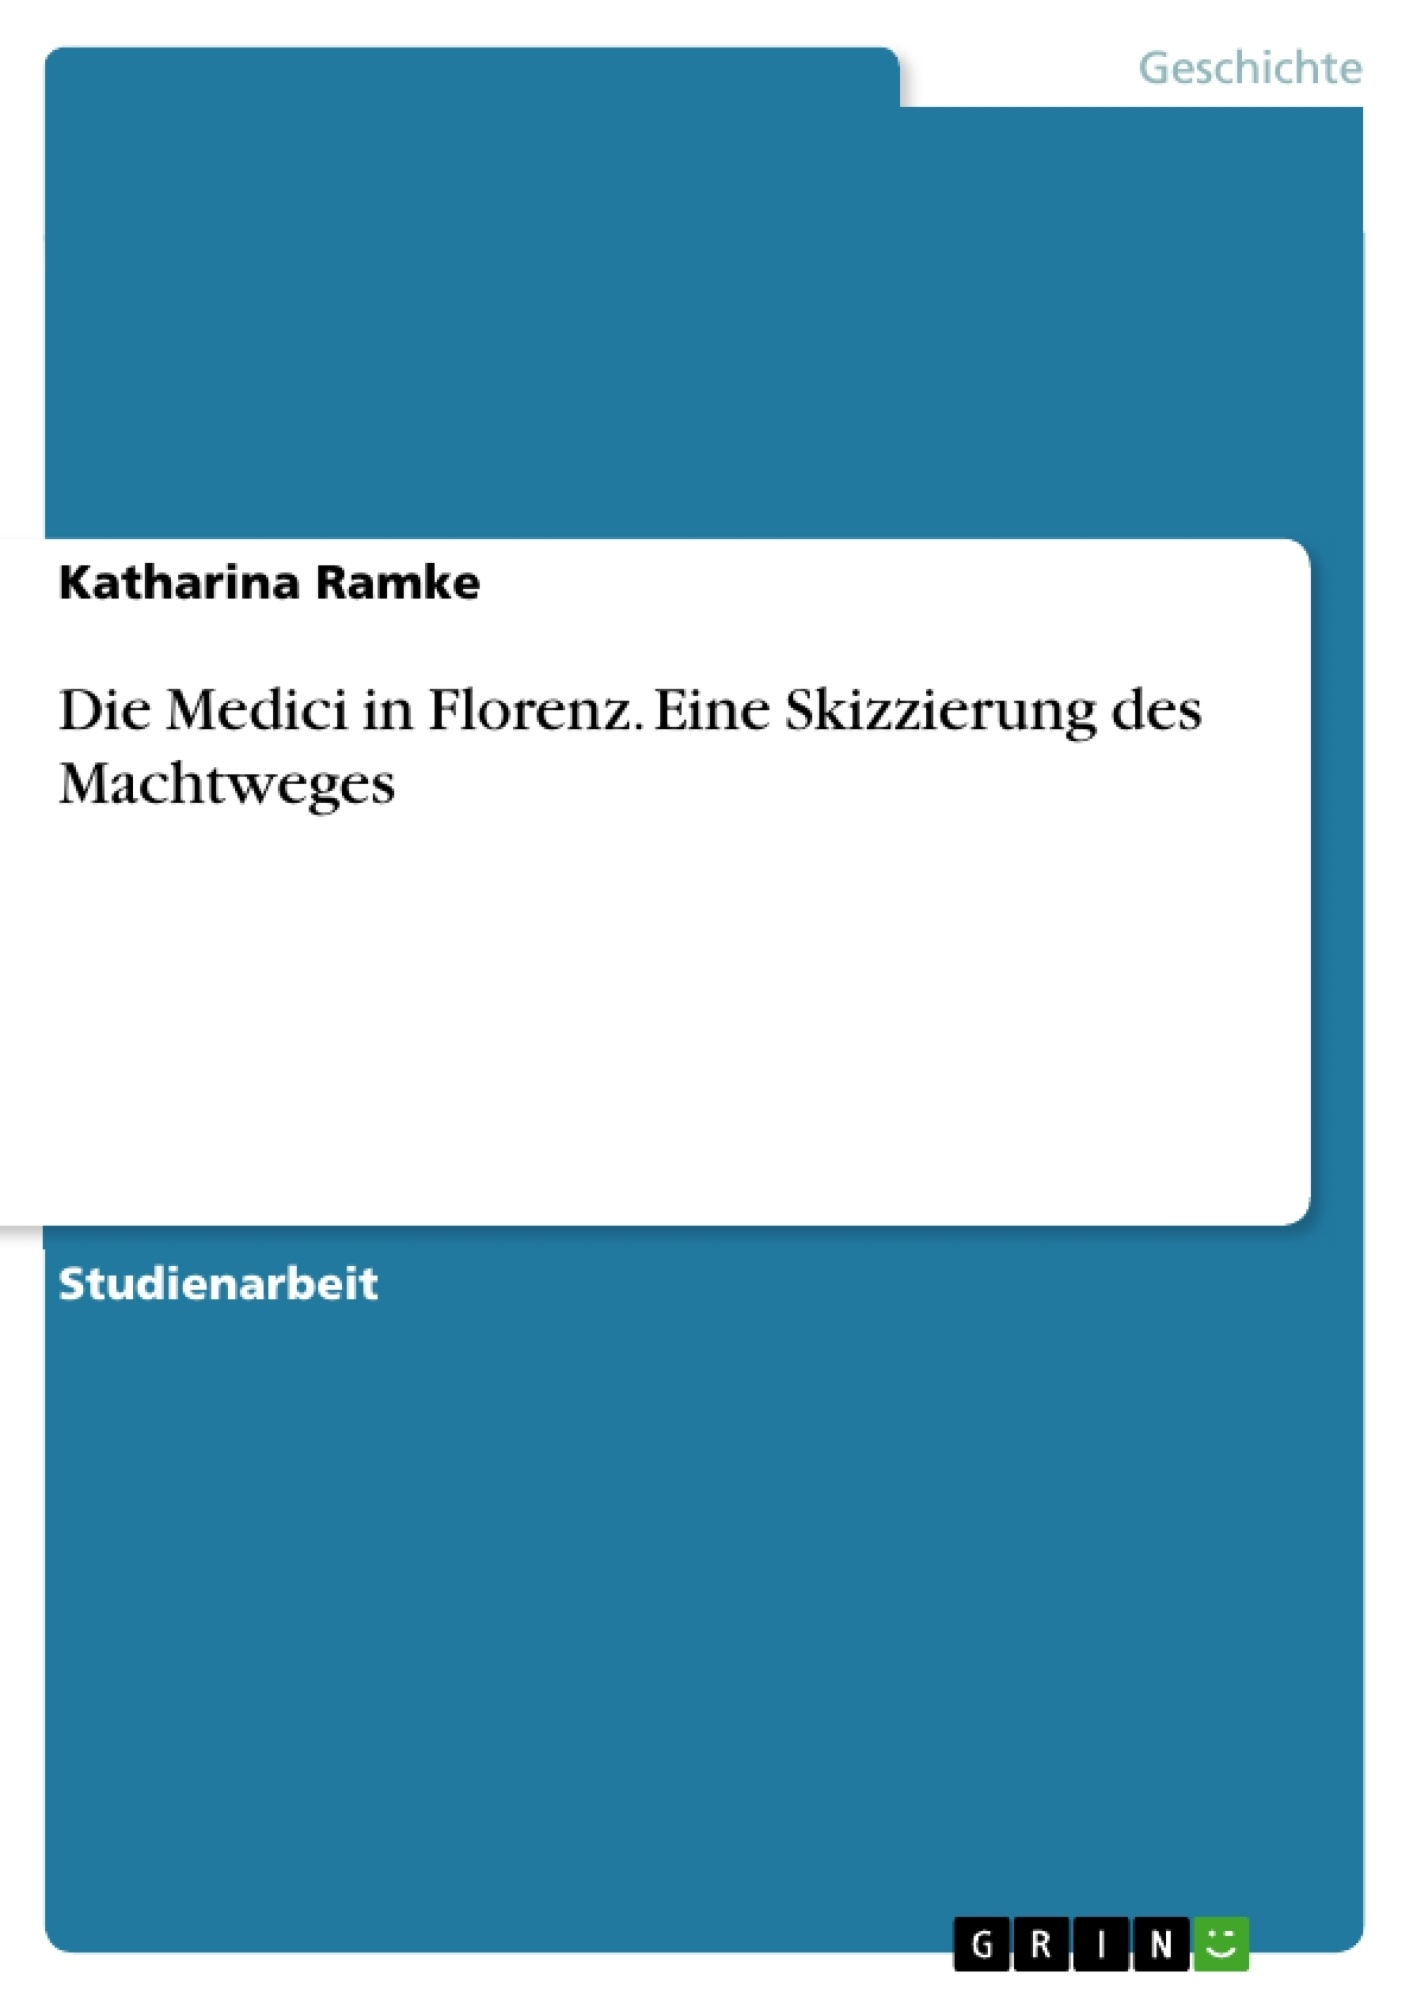 Titel: Die Medici in Florenz. Eine Skizzierung des Machtweges